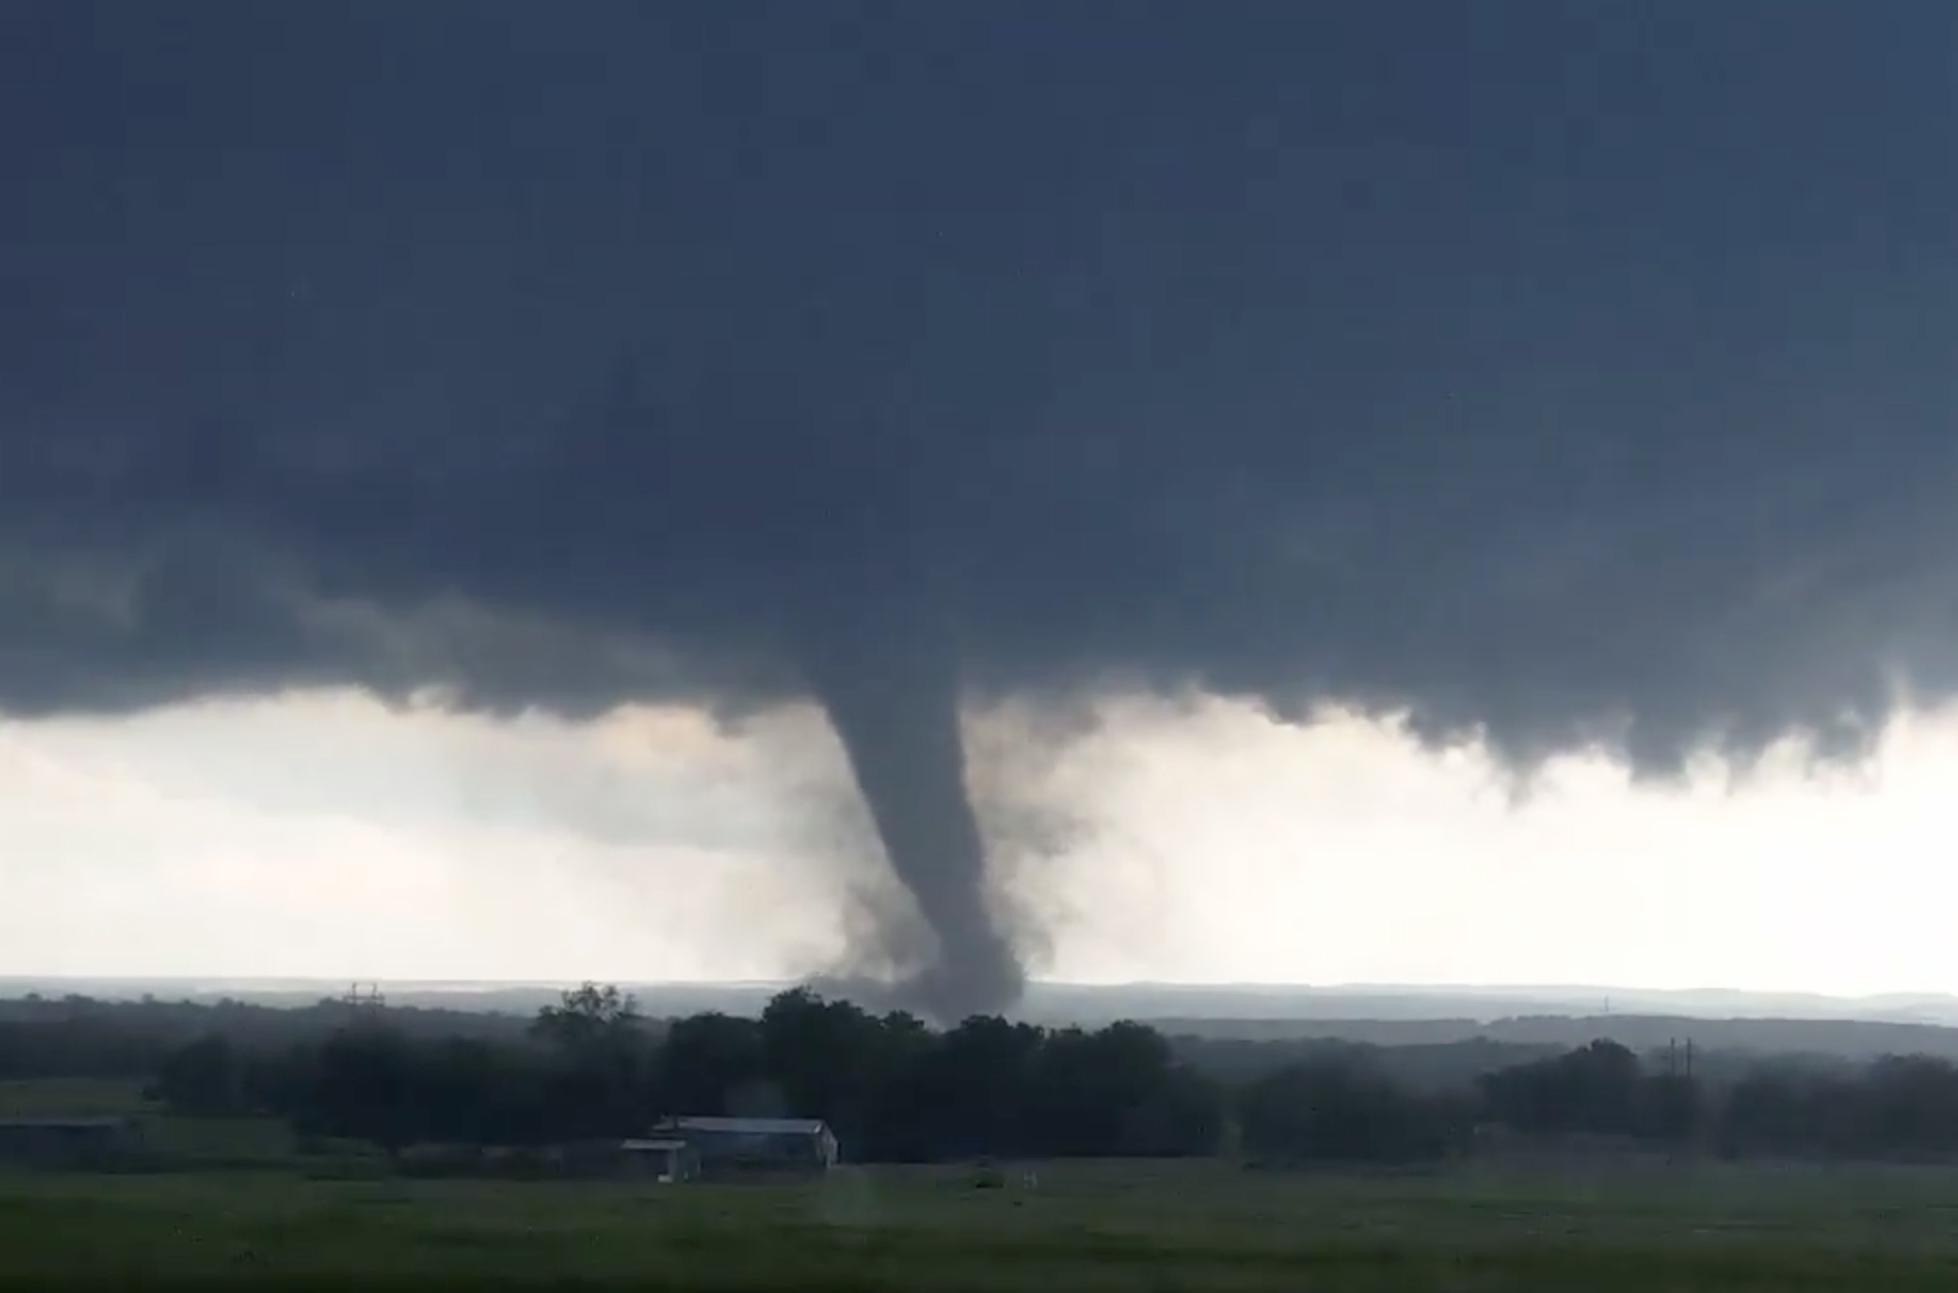 (Vídeo) Oleada de tornados dejó al menos 23 muertos en EE.UU.